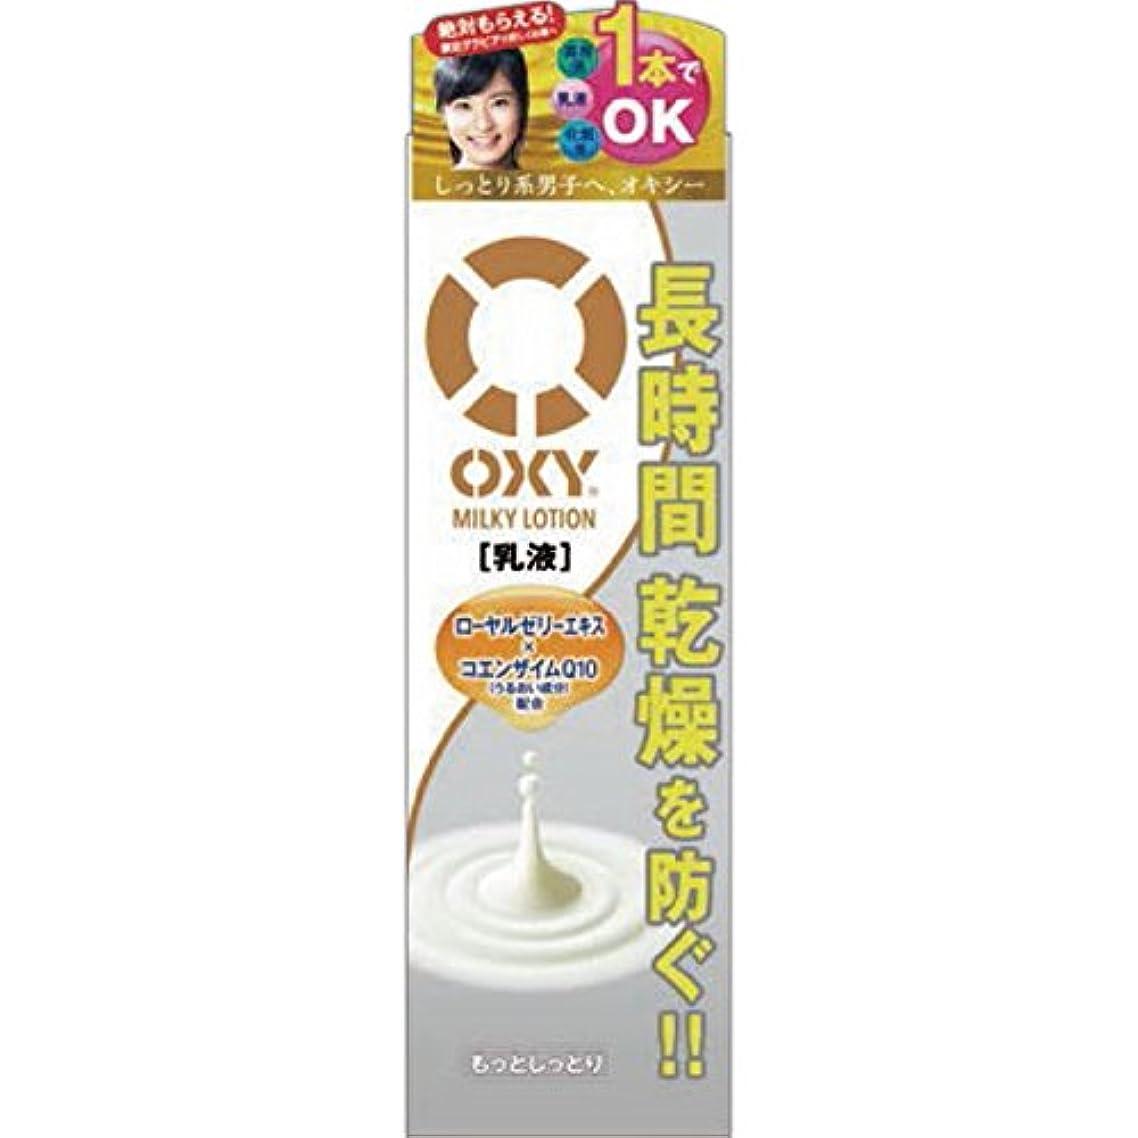 超音速アベニューお酒オキシー (Oxy) ミルキーローション オールインワン乳液 スーパーヒアルロン酸×ローヤルゼリー配合 ゼラニウムの香 170mL